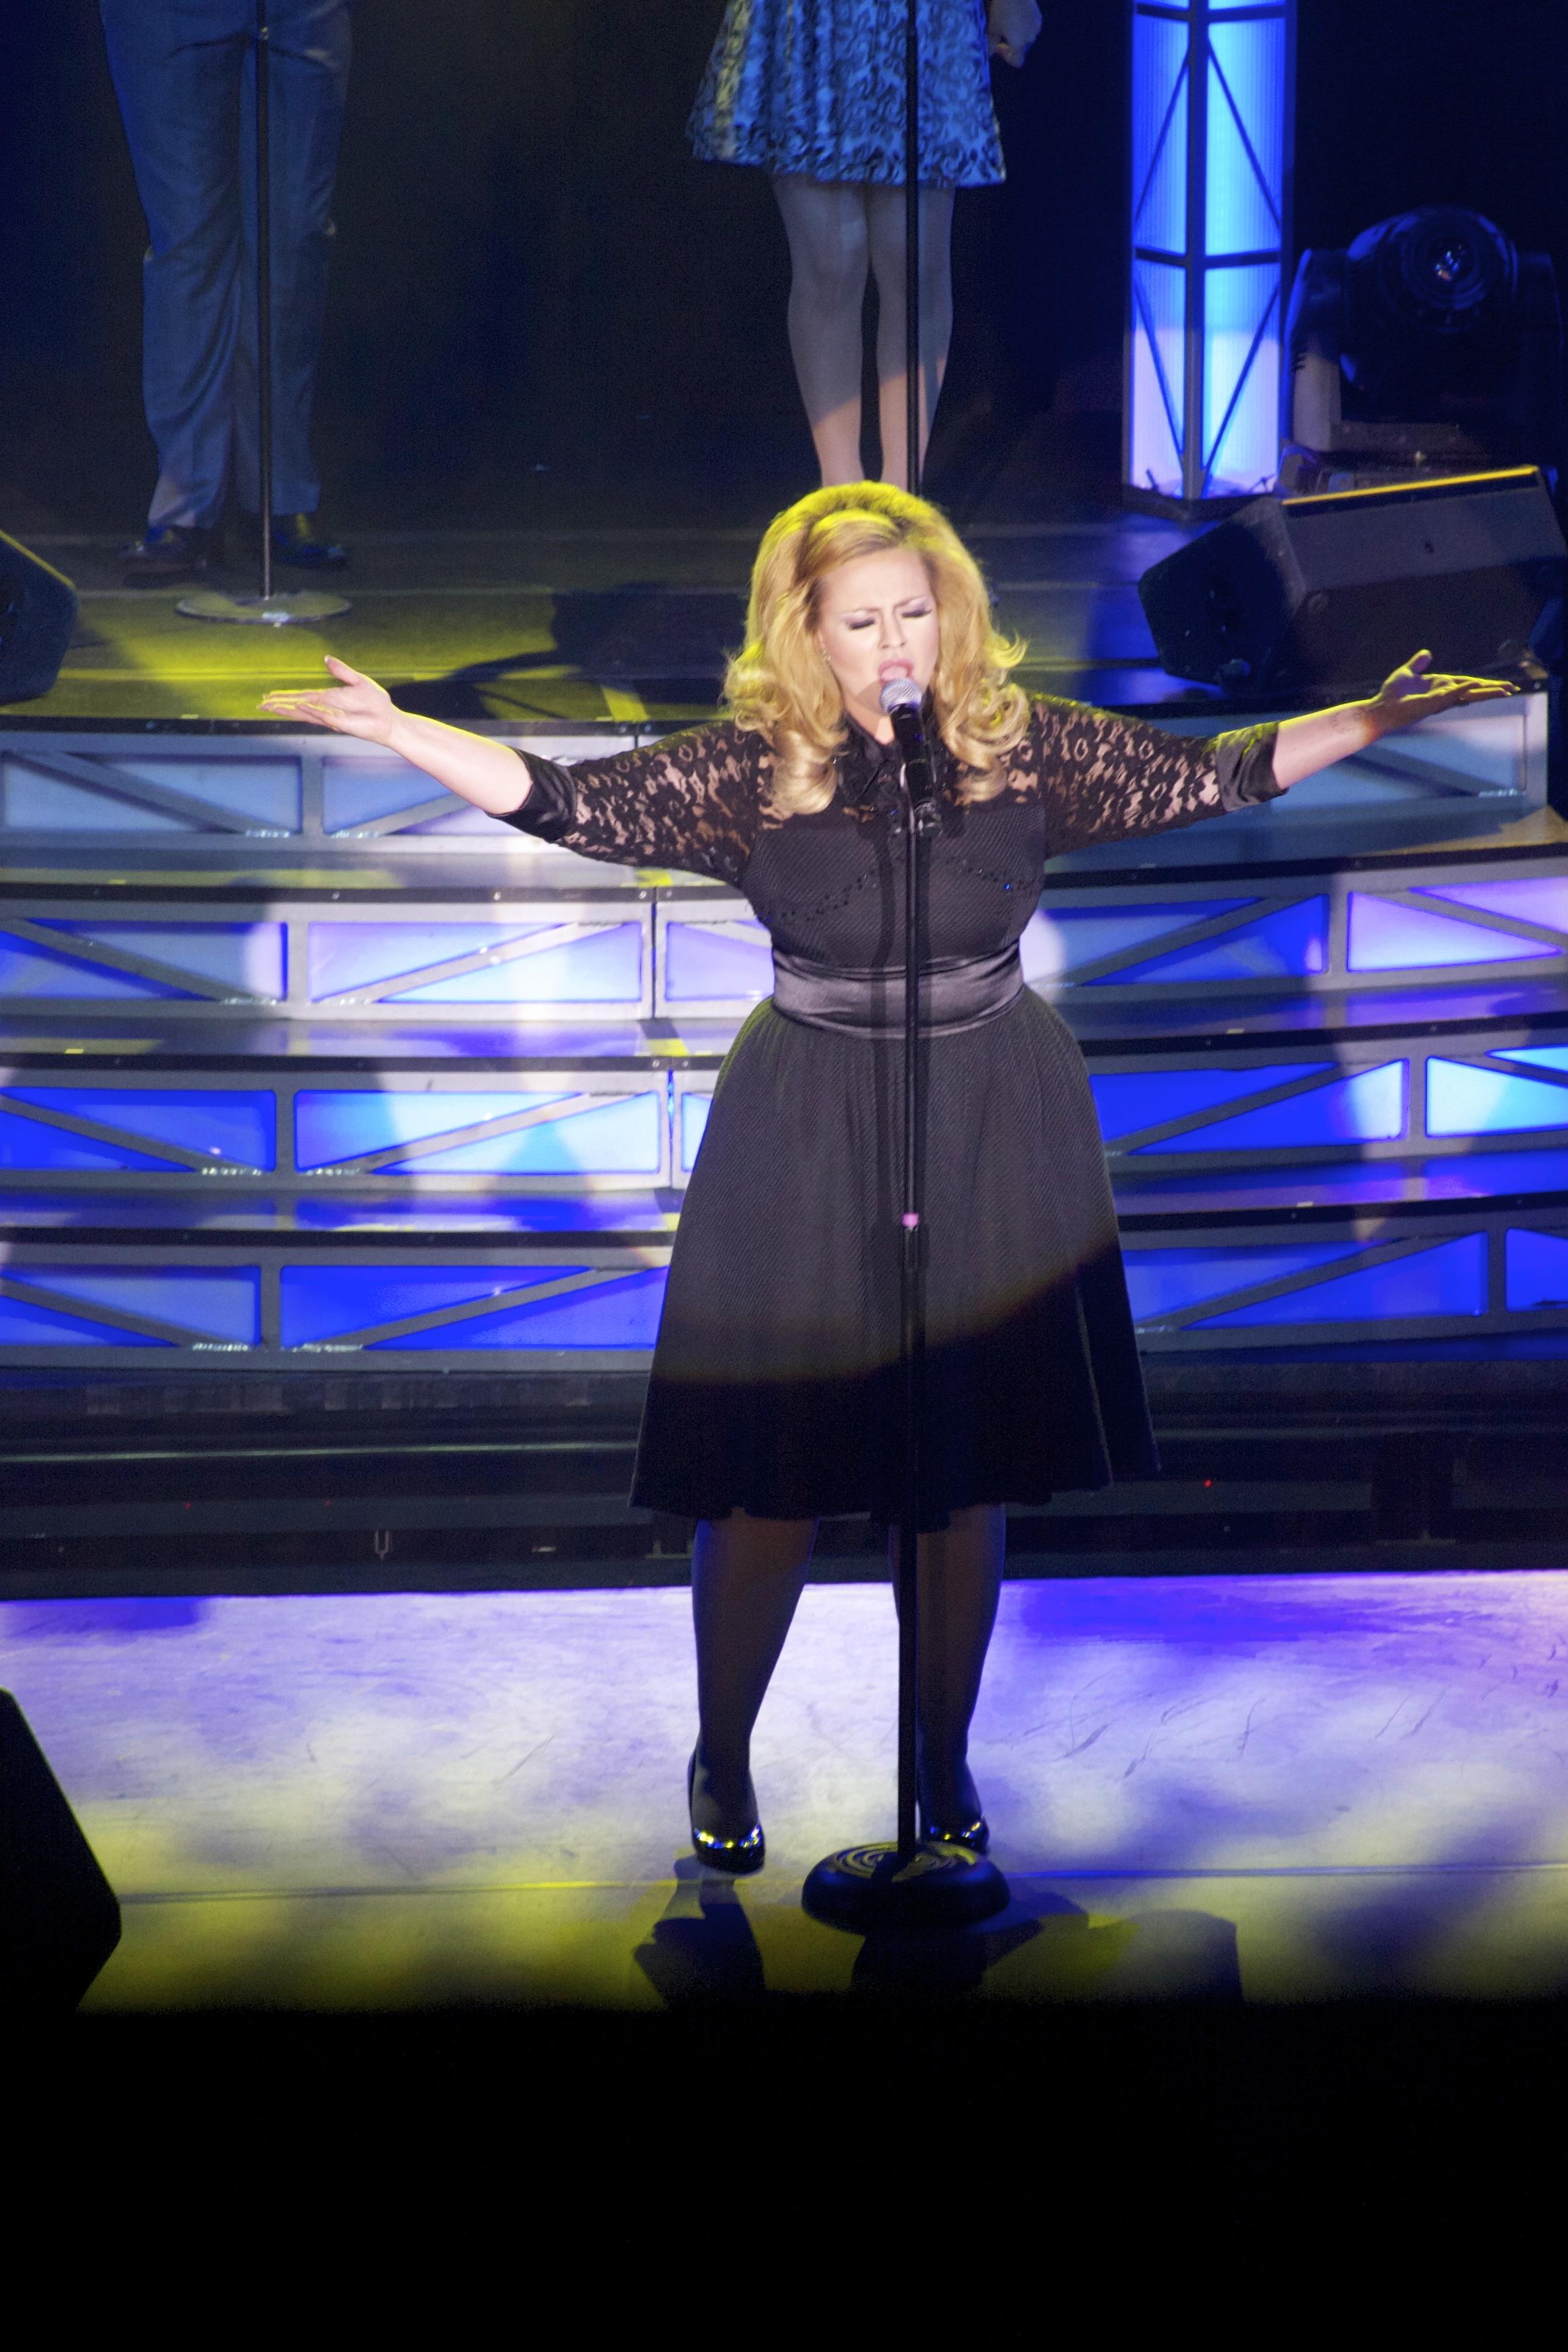 JC Brando as Adele live stage 13